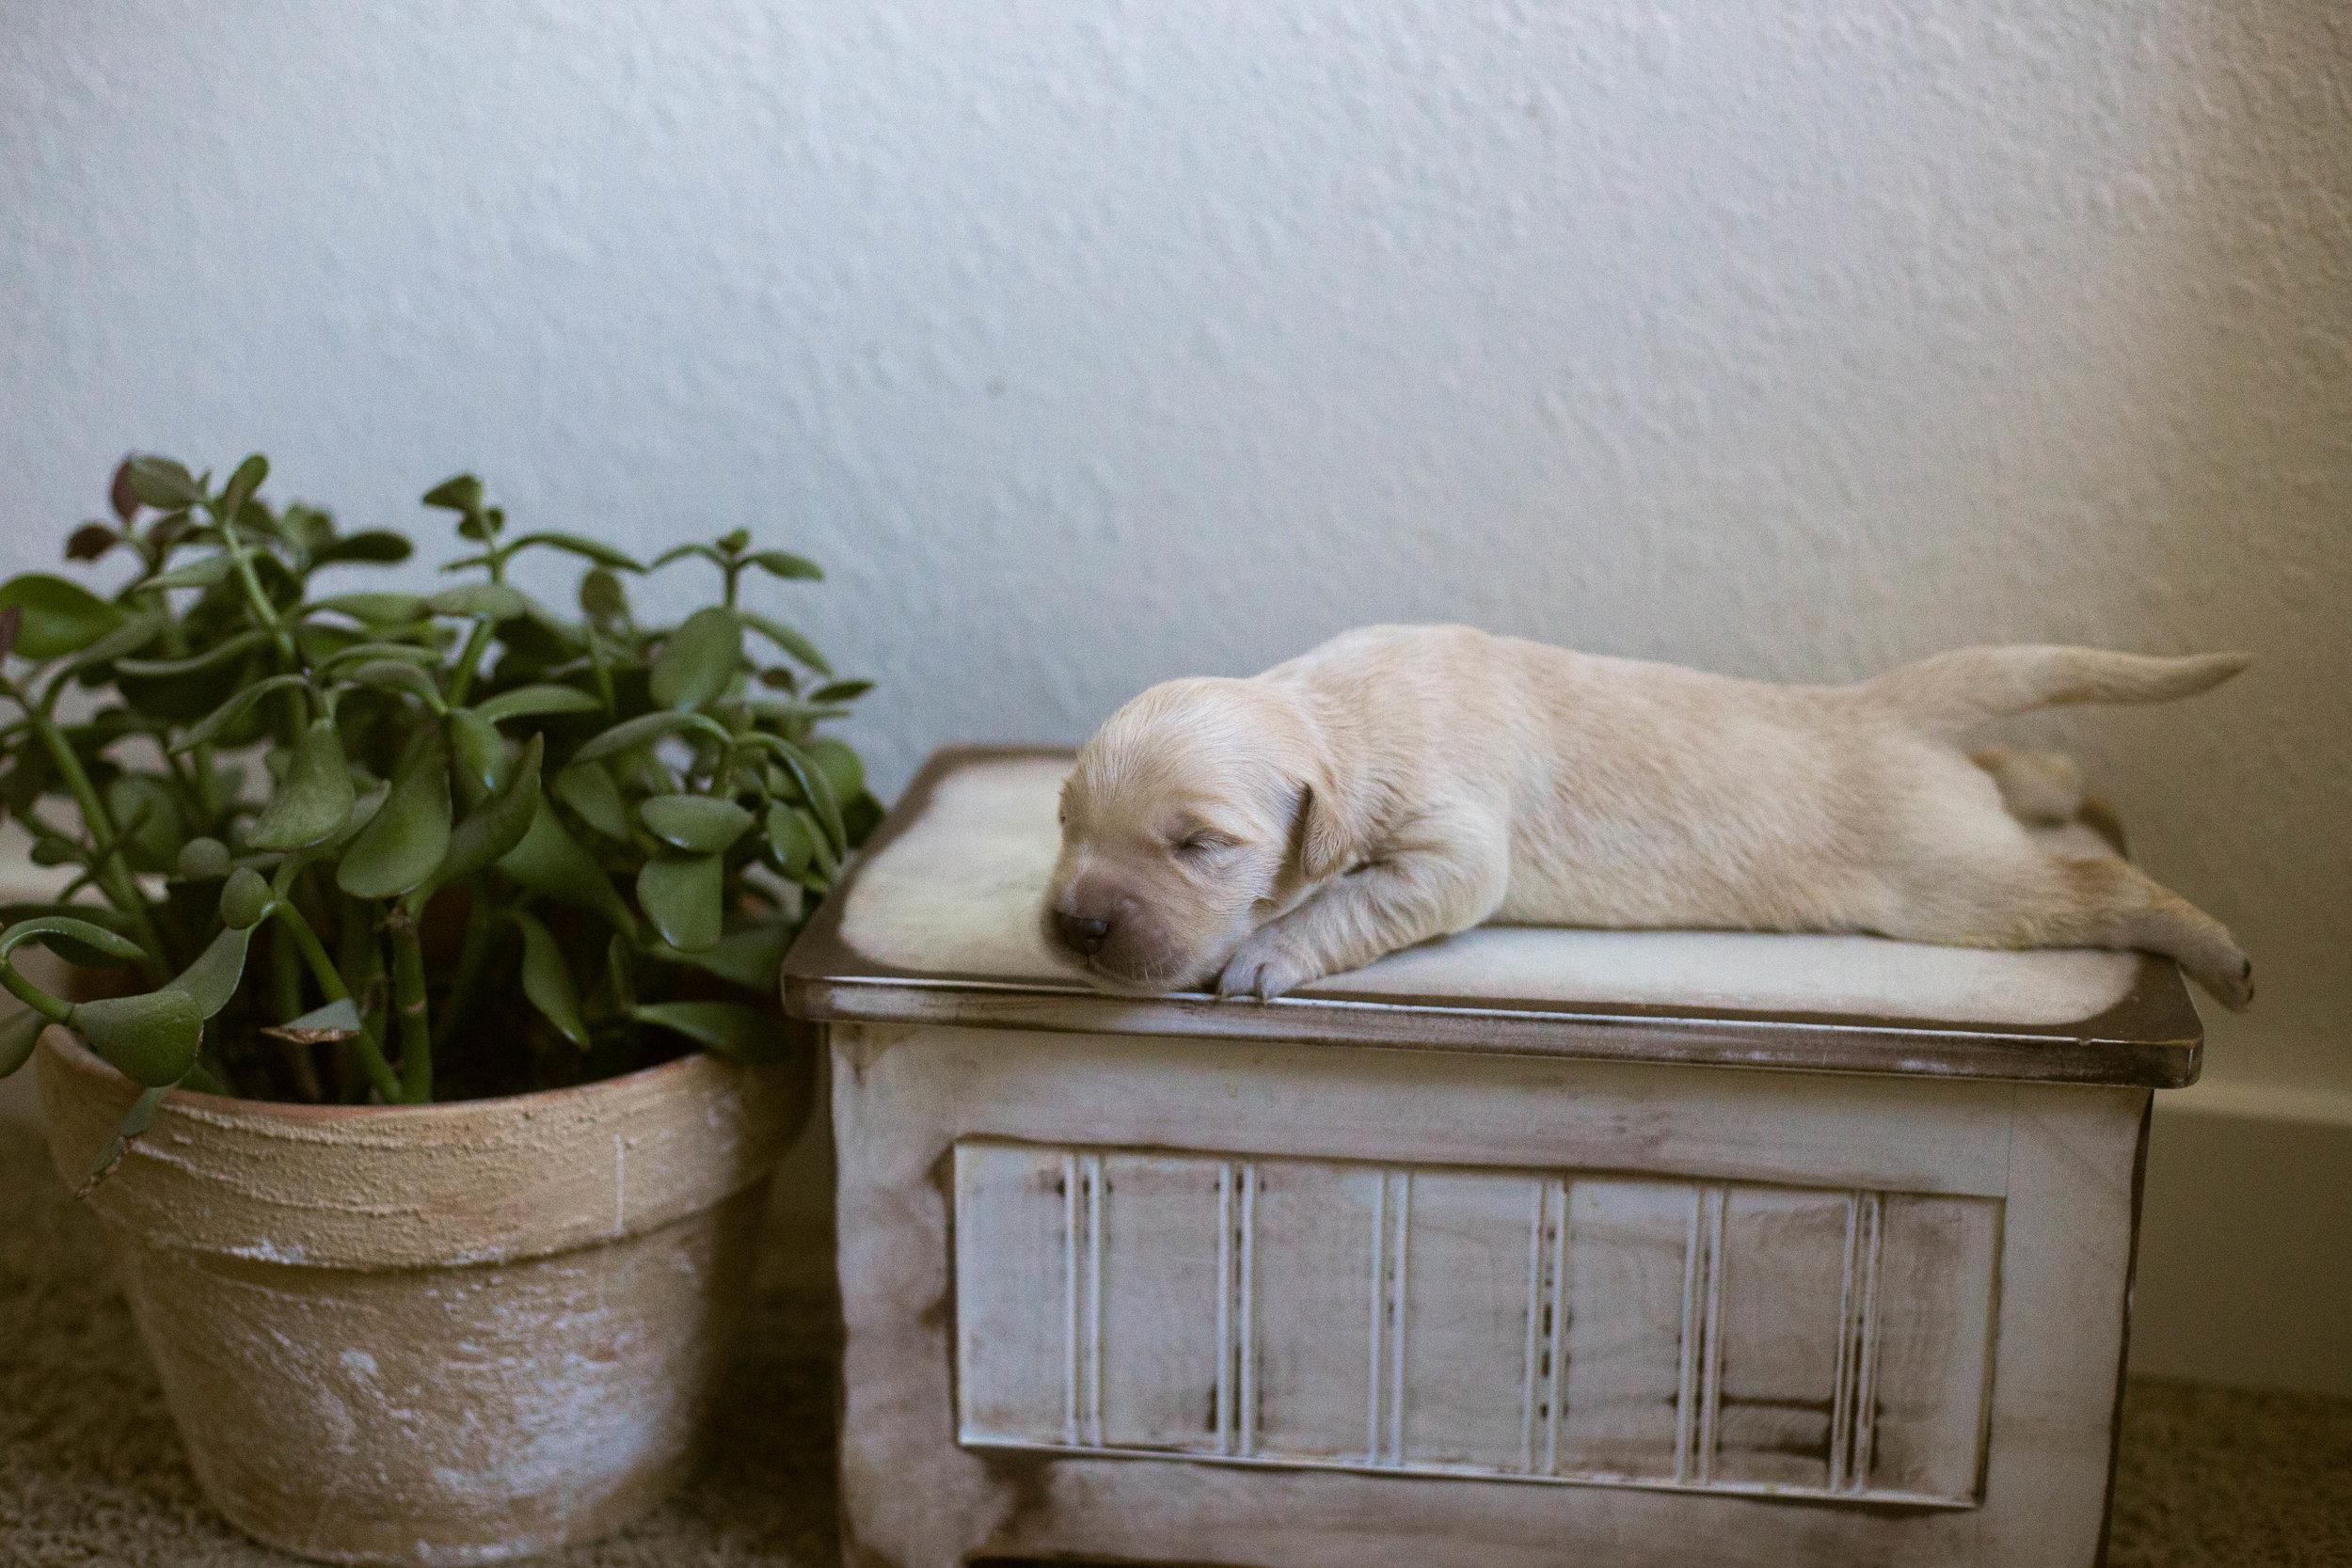 Puppies_1week-10.jpg